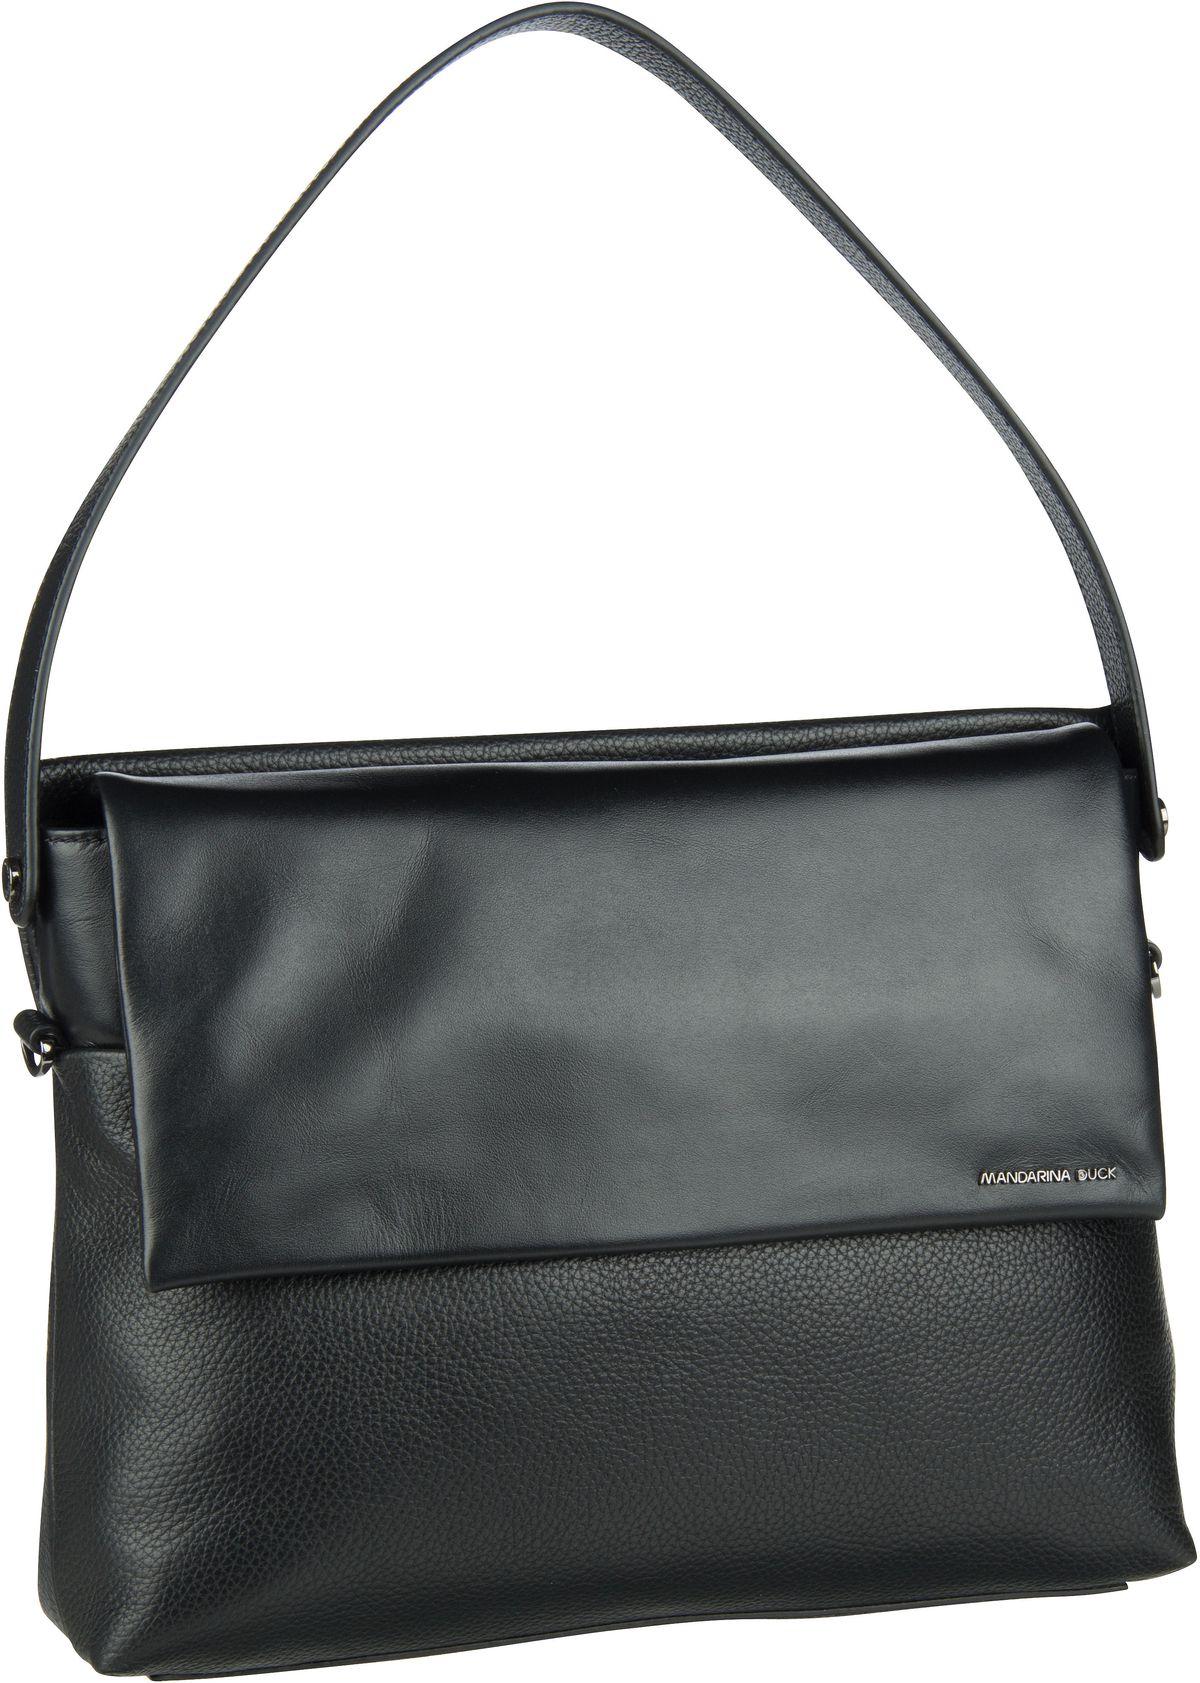 Handtasche Athena Shoulder Bag UPT13 Black